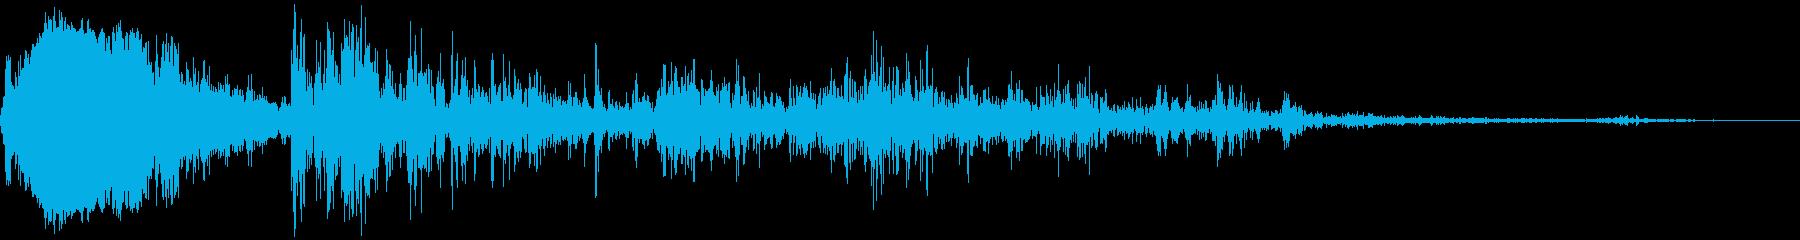 落雷(近距離で炸裂)の再生済みの波形